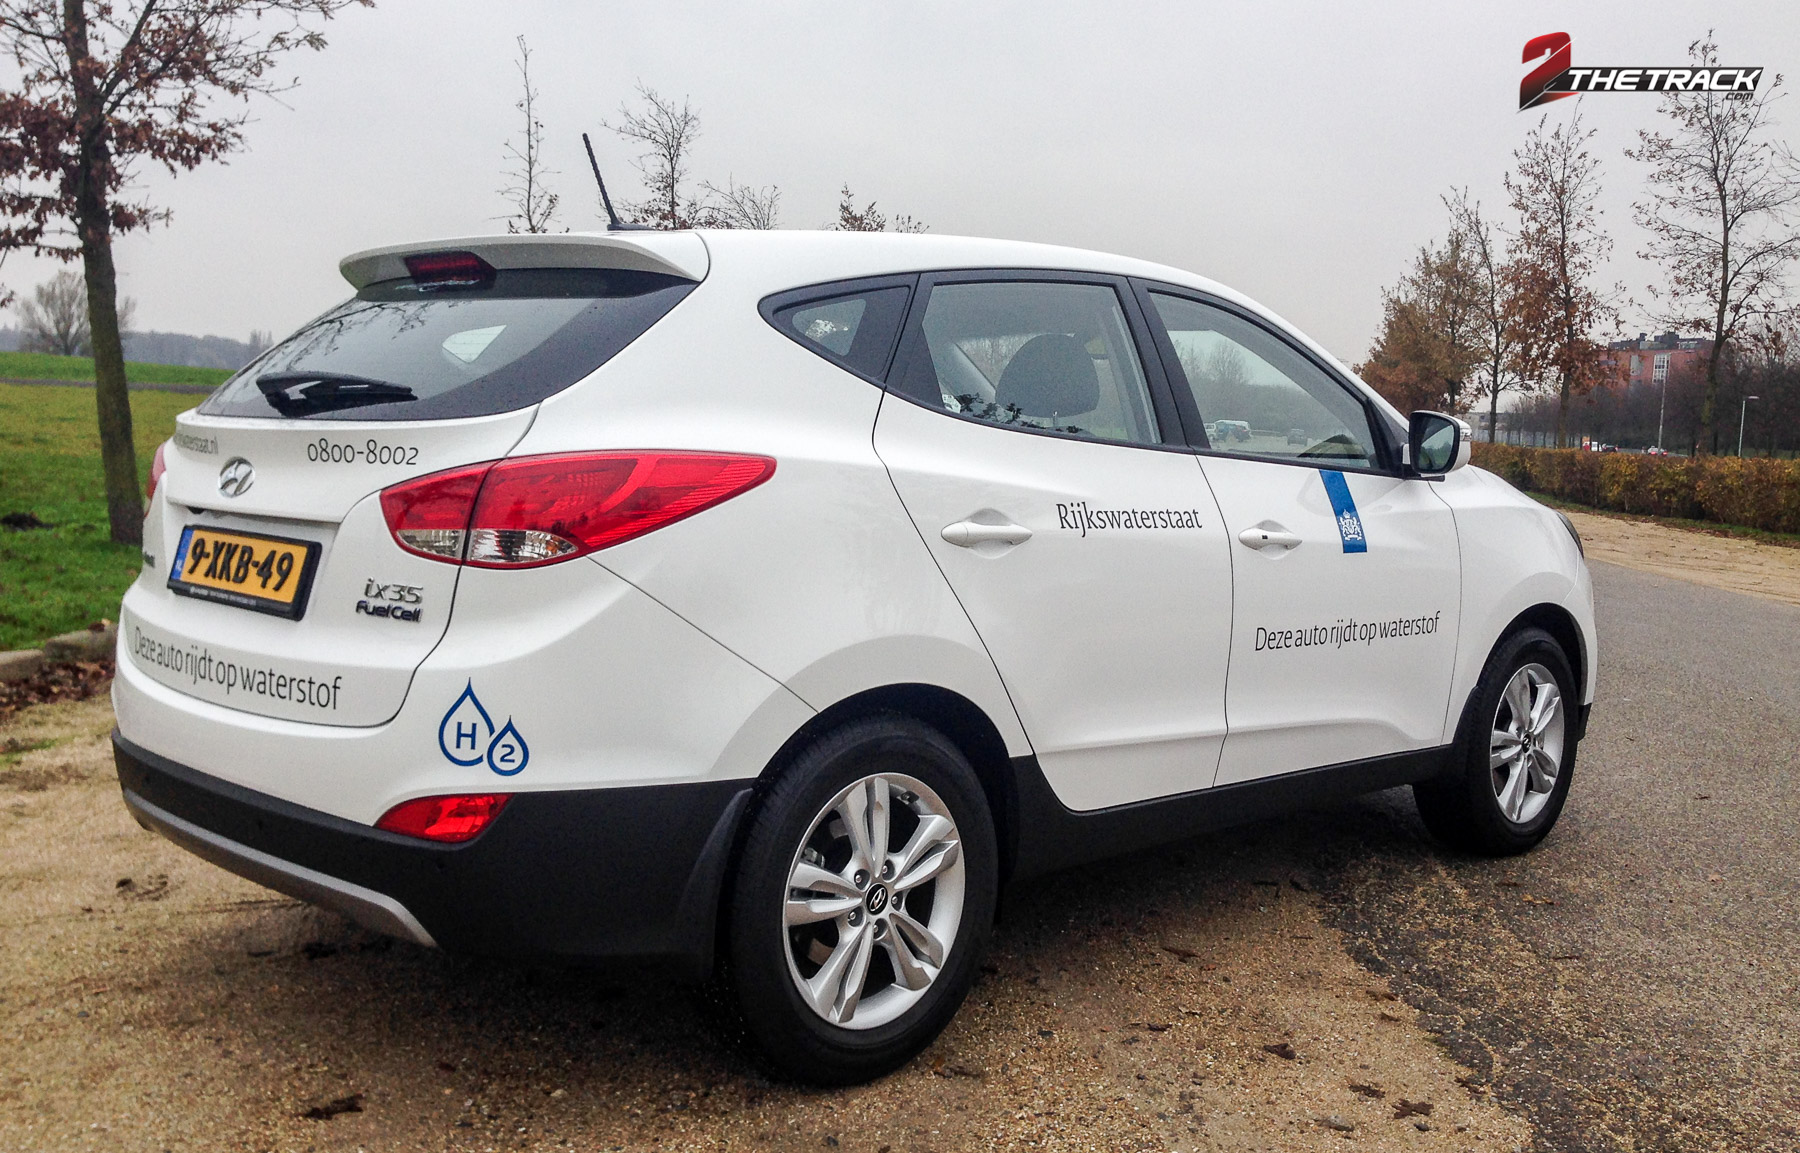 Subaru Brz Turbo >> Hyundai levert eerste waterstof auto's - 2TheTrack - De ...